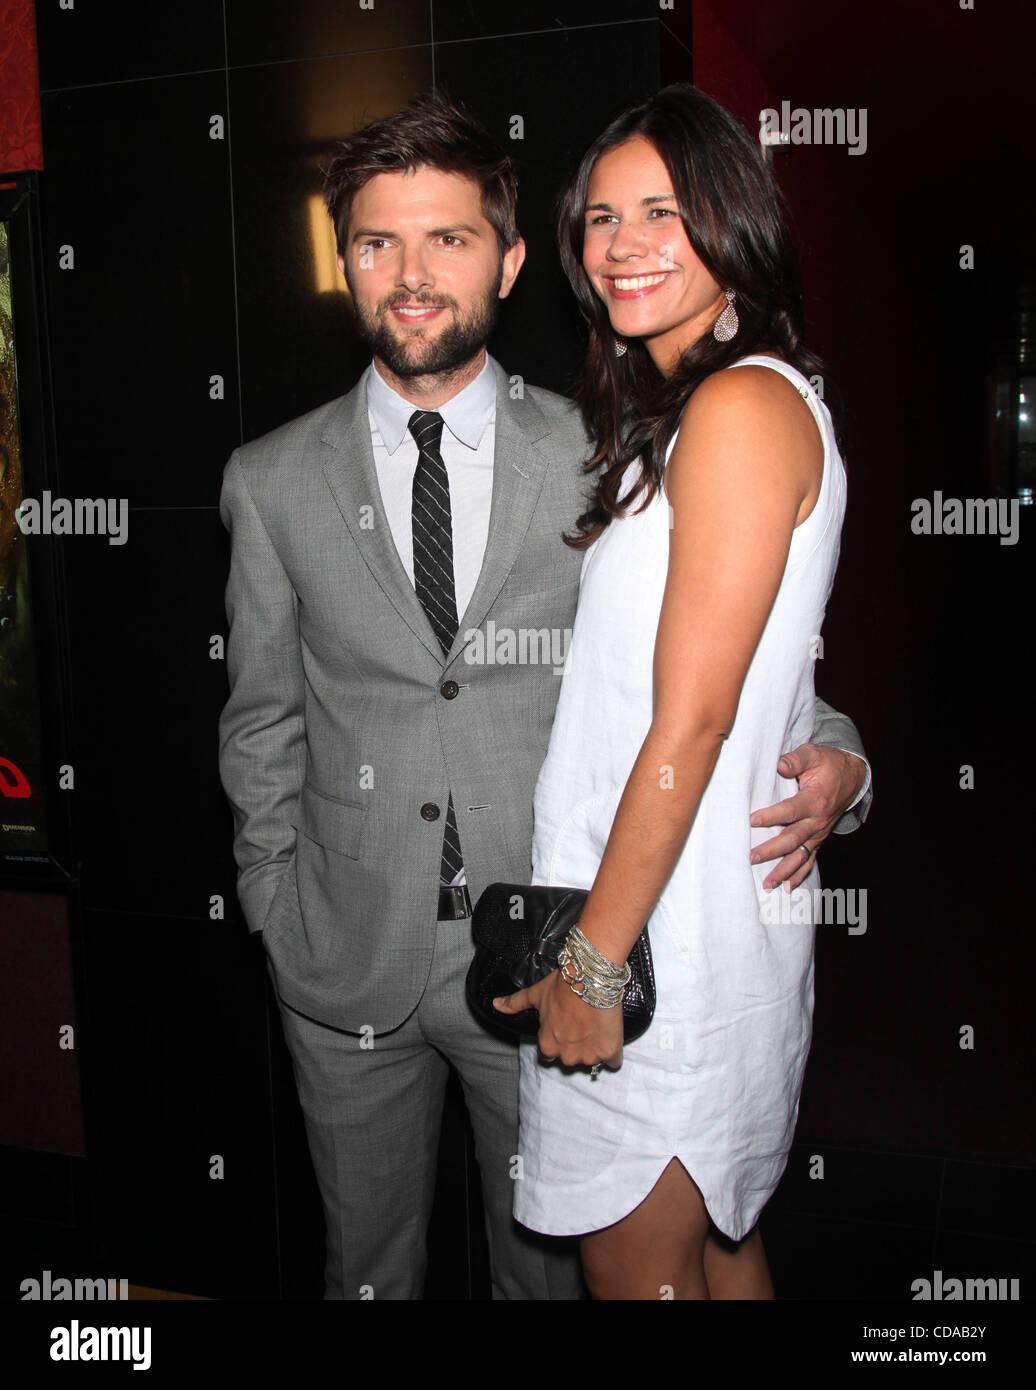 Adam scott actor dating